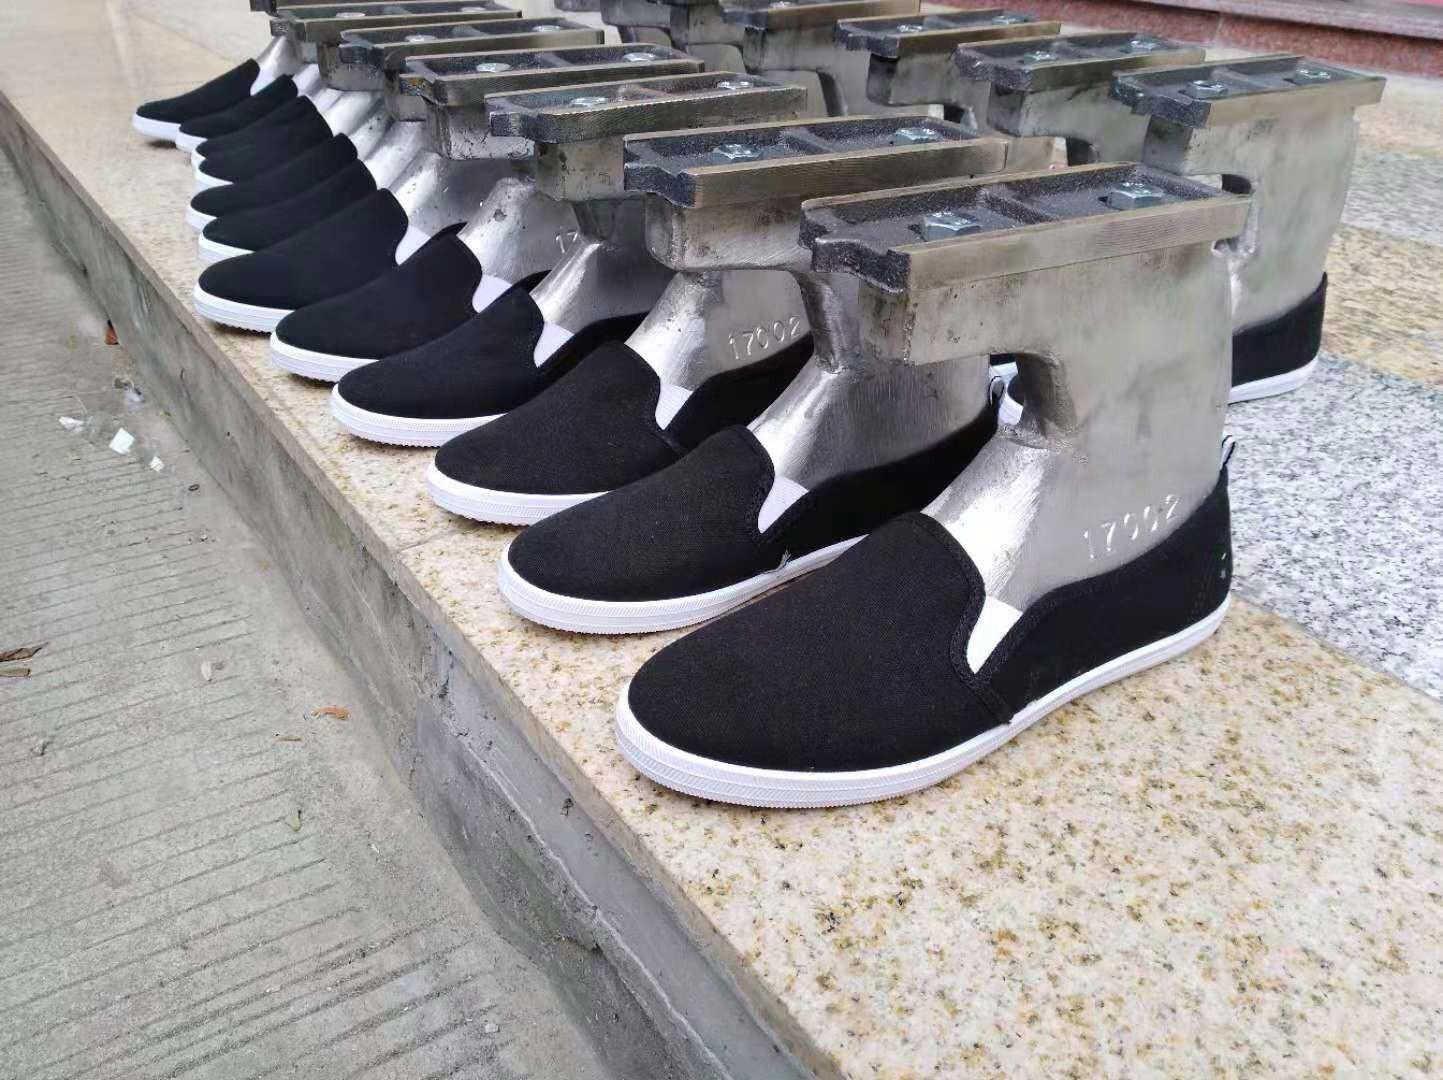 Beli  Cetakan Injeksi Sepatu PVC Dip,Cetakan Injeksi Sepatu PVC Dip Harga,Cetakan Injeksi Sepatu PVC Dip Merek,Cetakan Injeksi Sepatu PVC Dip Produsen,Cetakan Injeksi Sepatu PVC Dip Quotes,Cetakan Injeksi Sepatu PVC Dip Perusahaan,